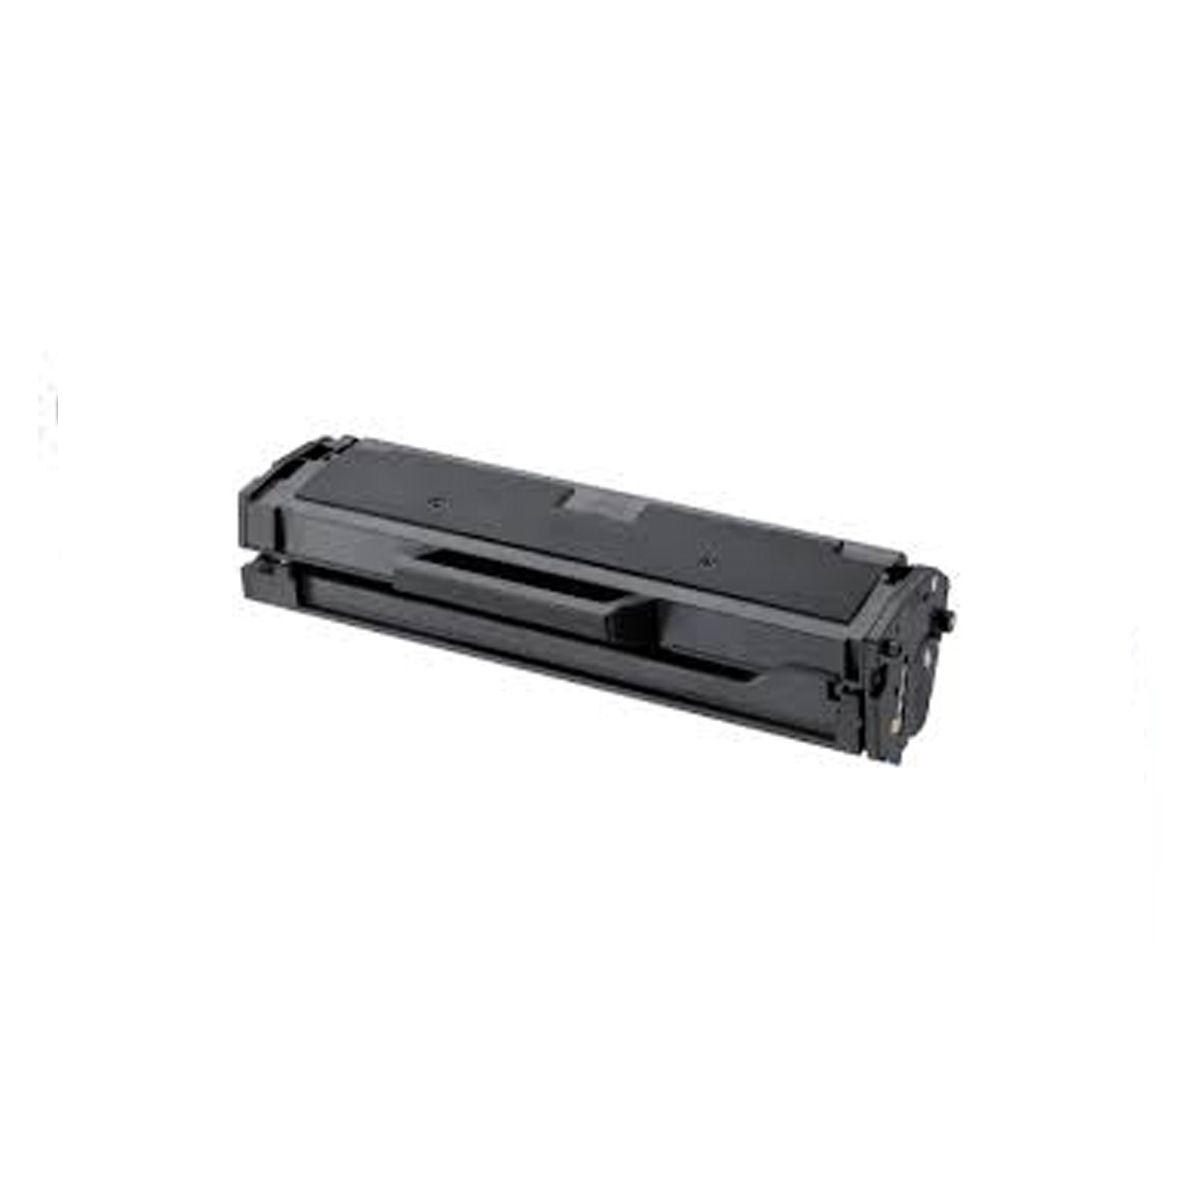 LW-XIMG-ODBG - Toner Samsung D111S D111 111 - M2020 M2070 - Compativel